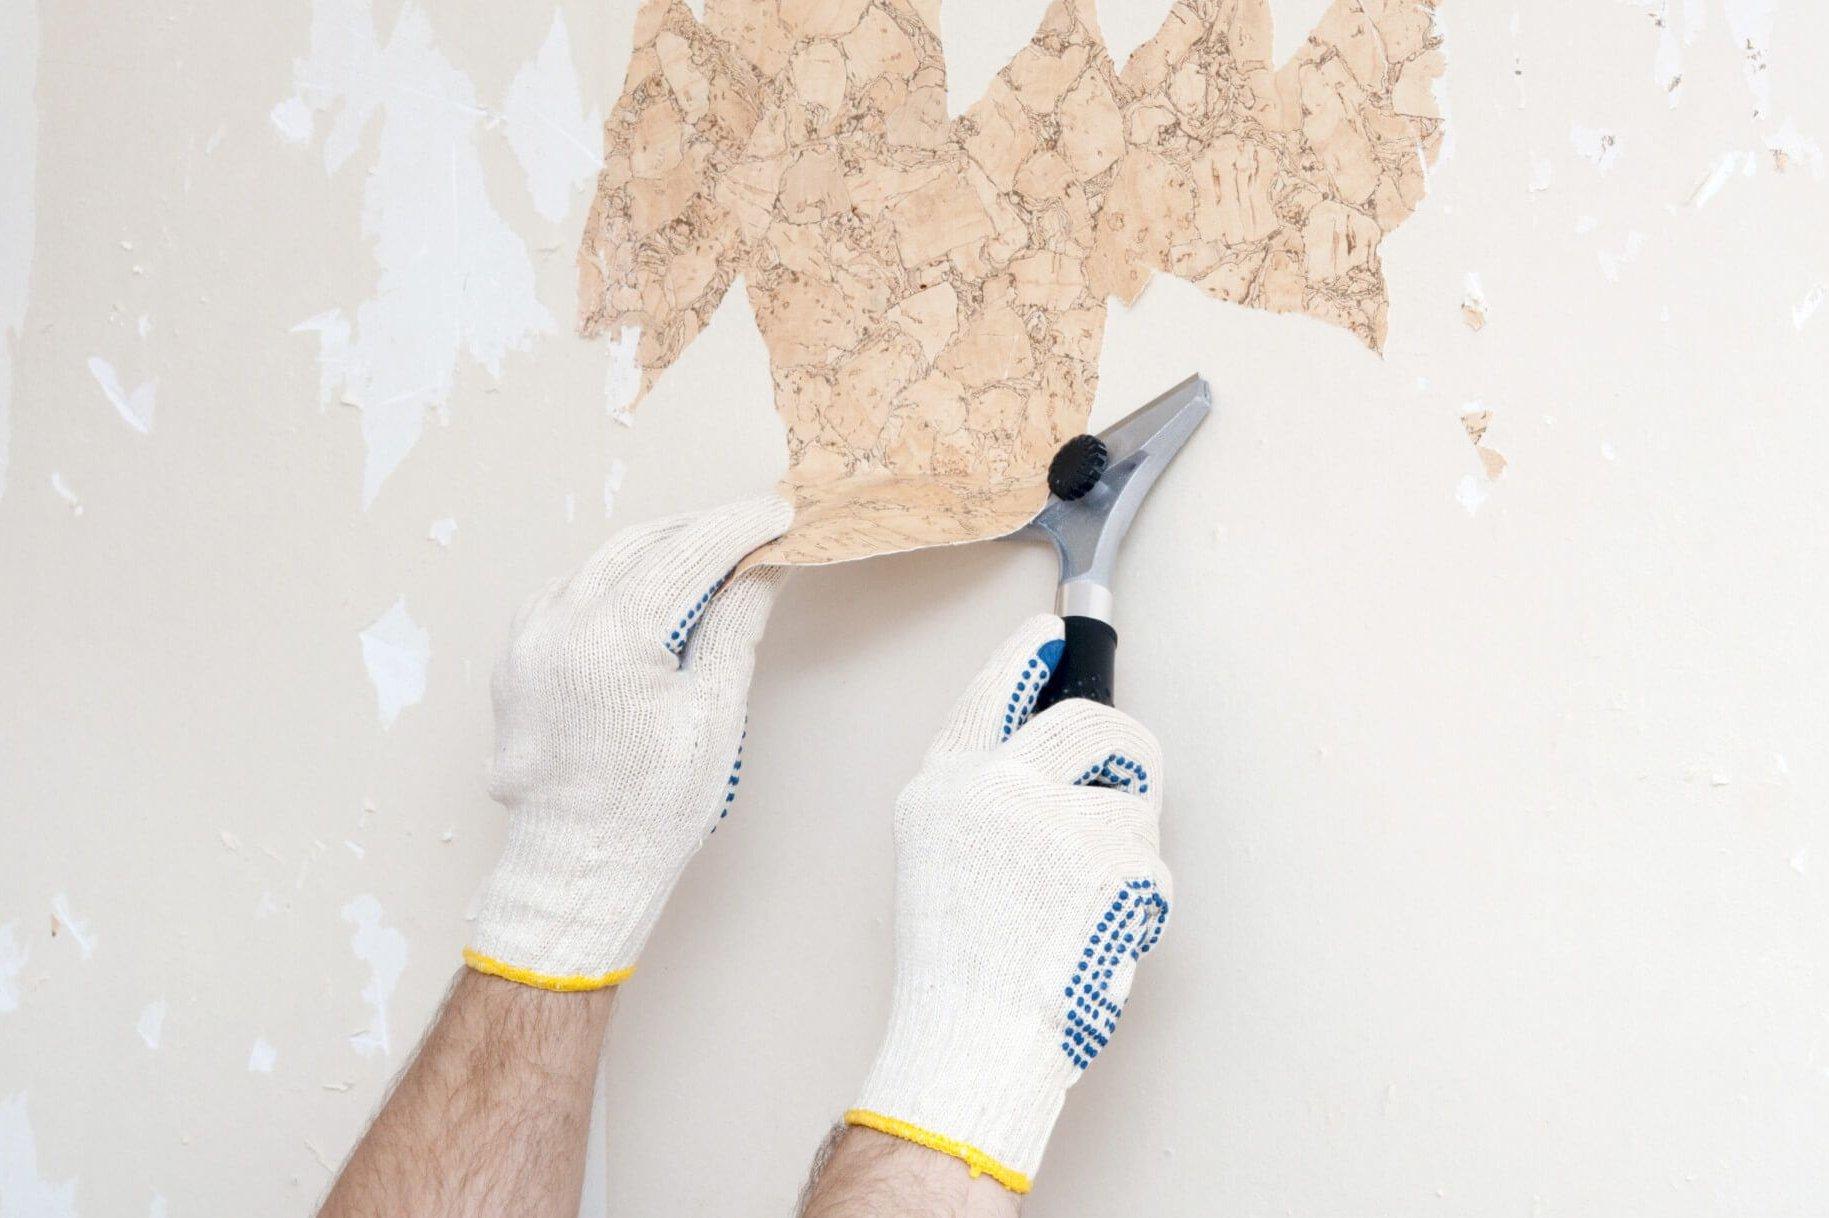 Грунтовка стен перед поклейкой обоев: как выбрать и нанести состав на поверхность